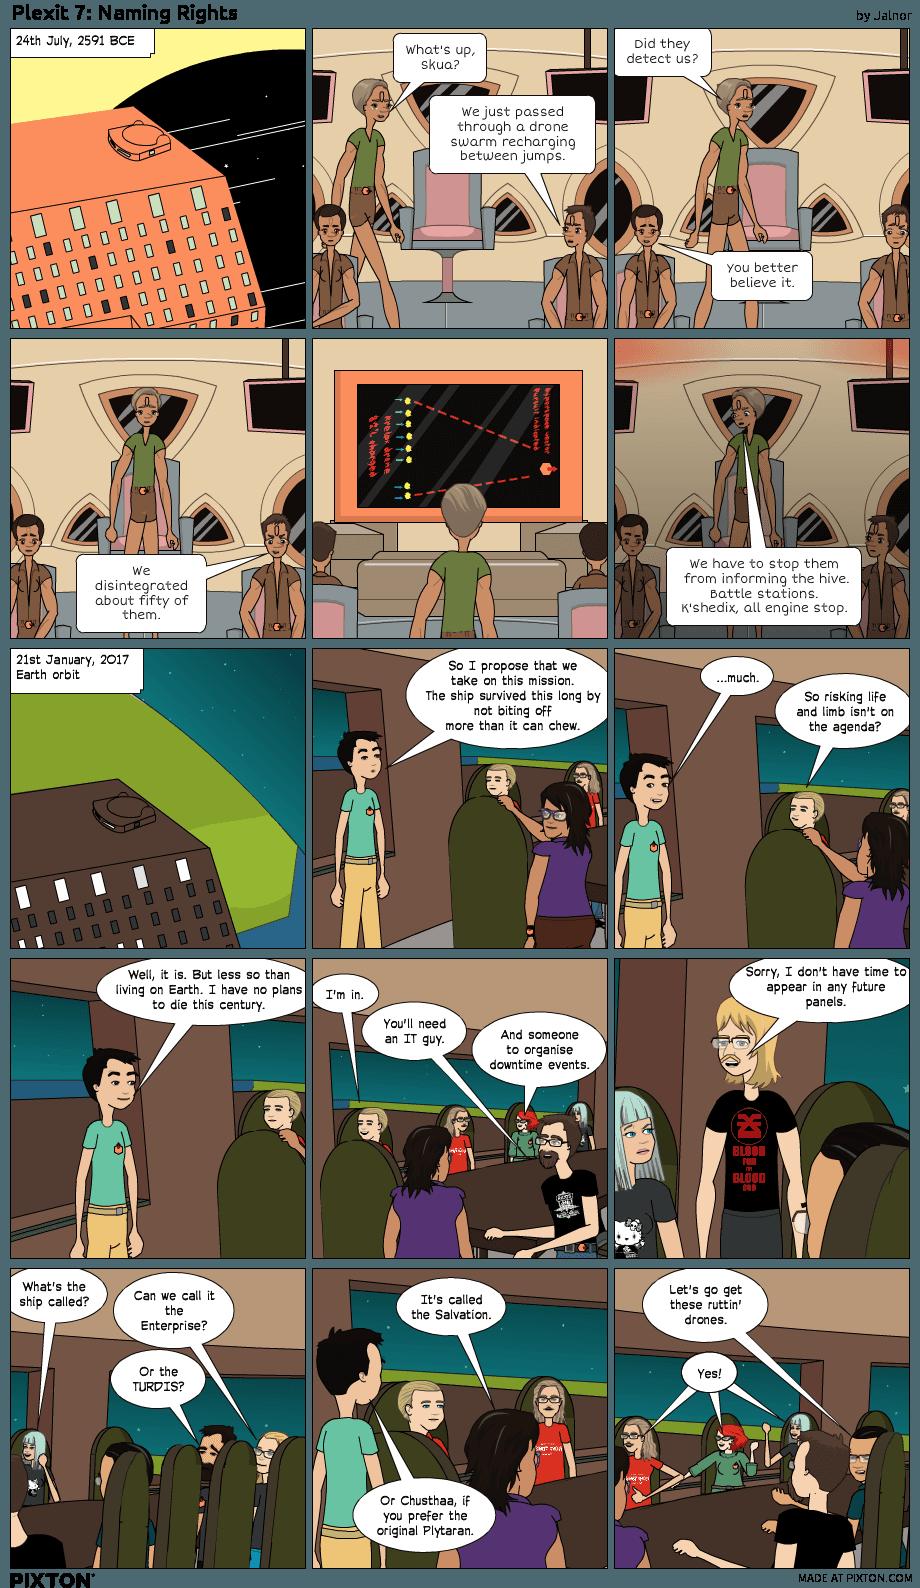 1x07: Naming Rights